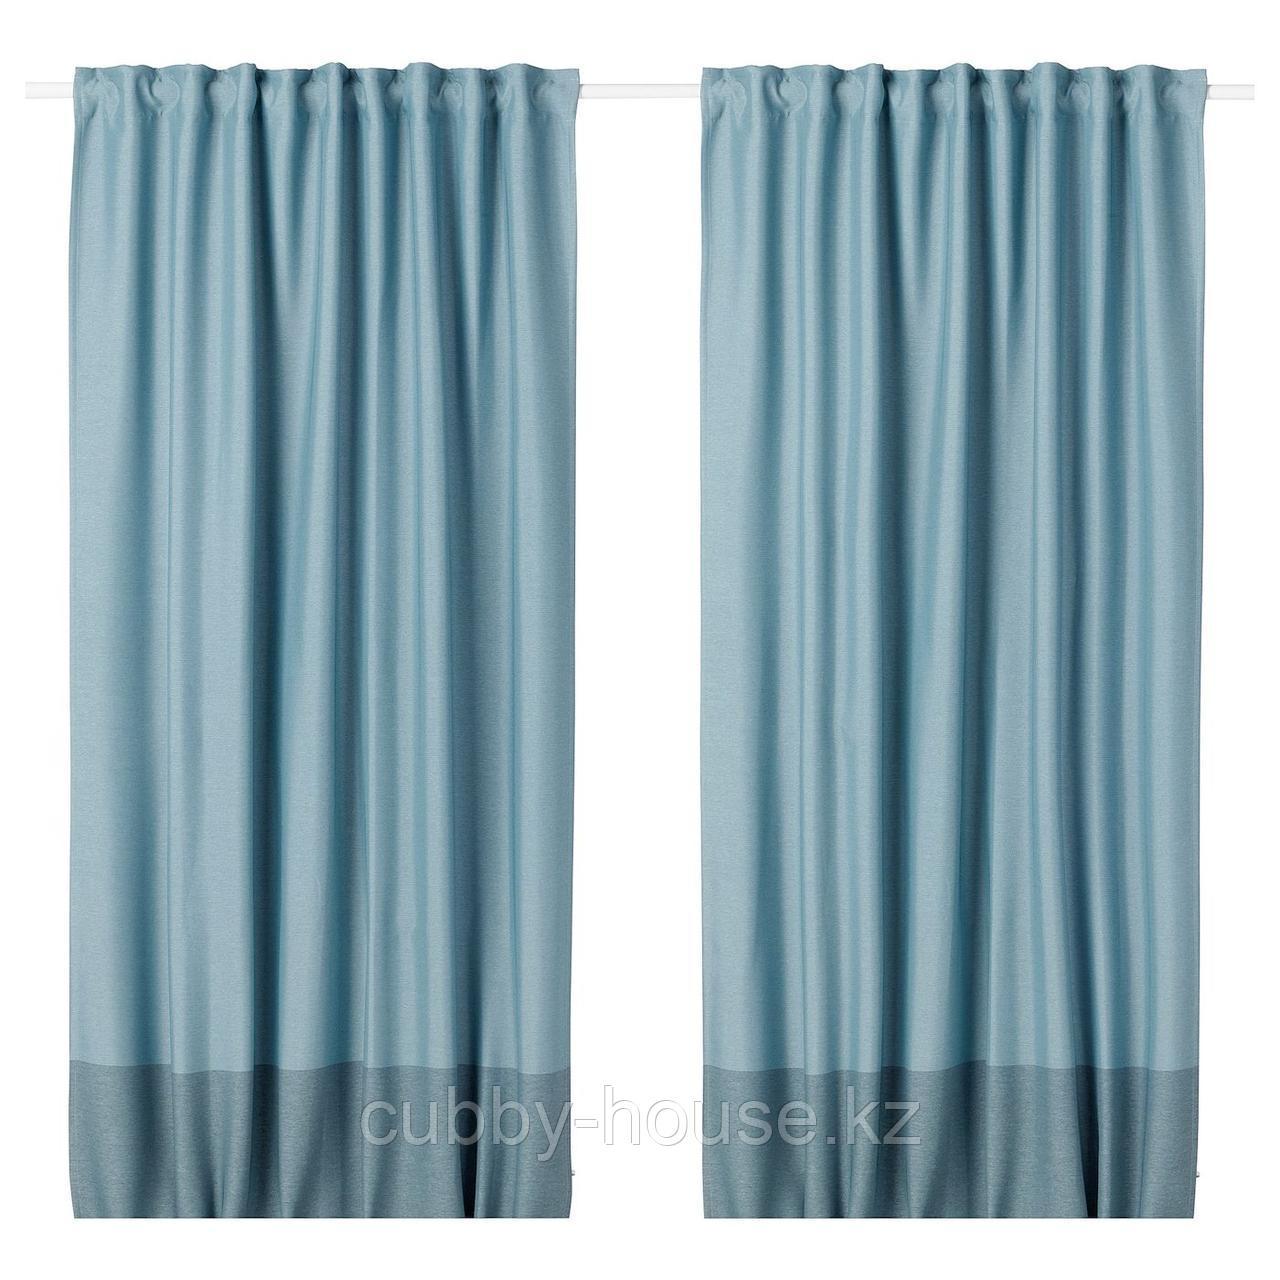 МАРЬЮН Затемняющие гардины, 1 пара, синий, 145x300 см